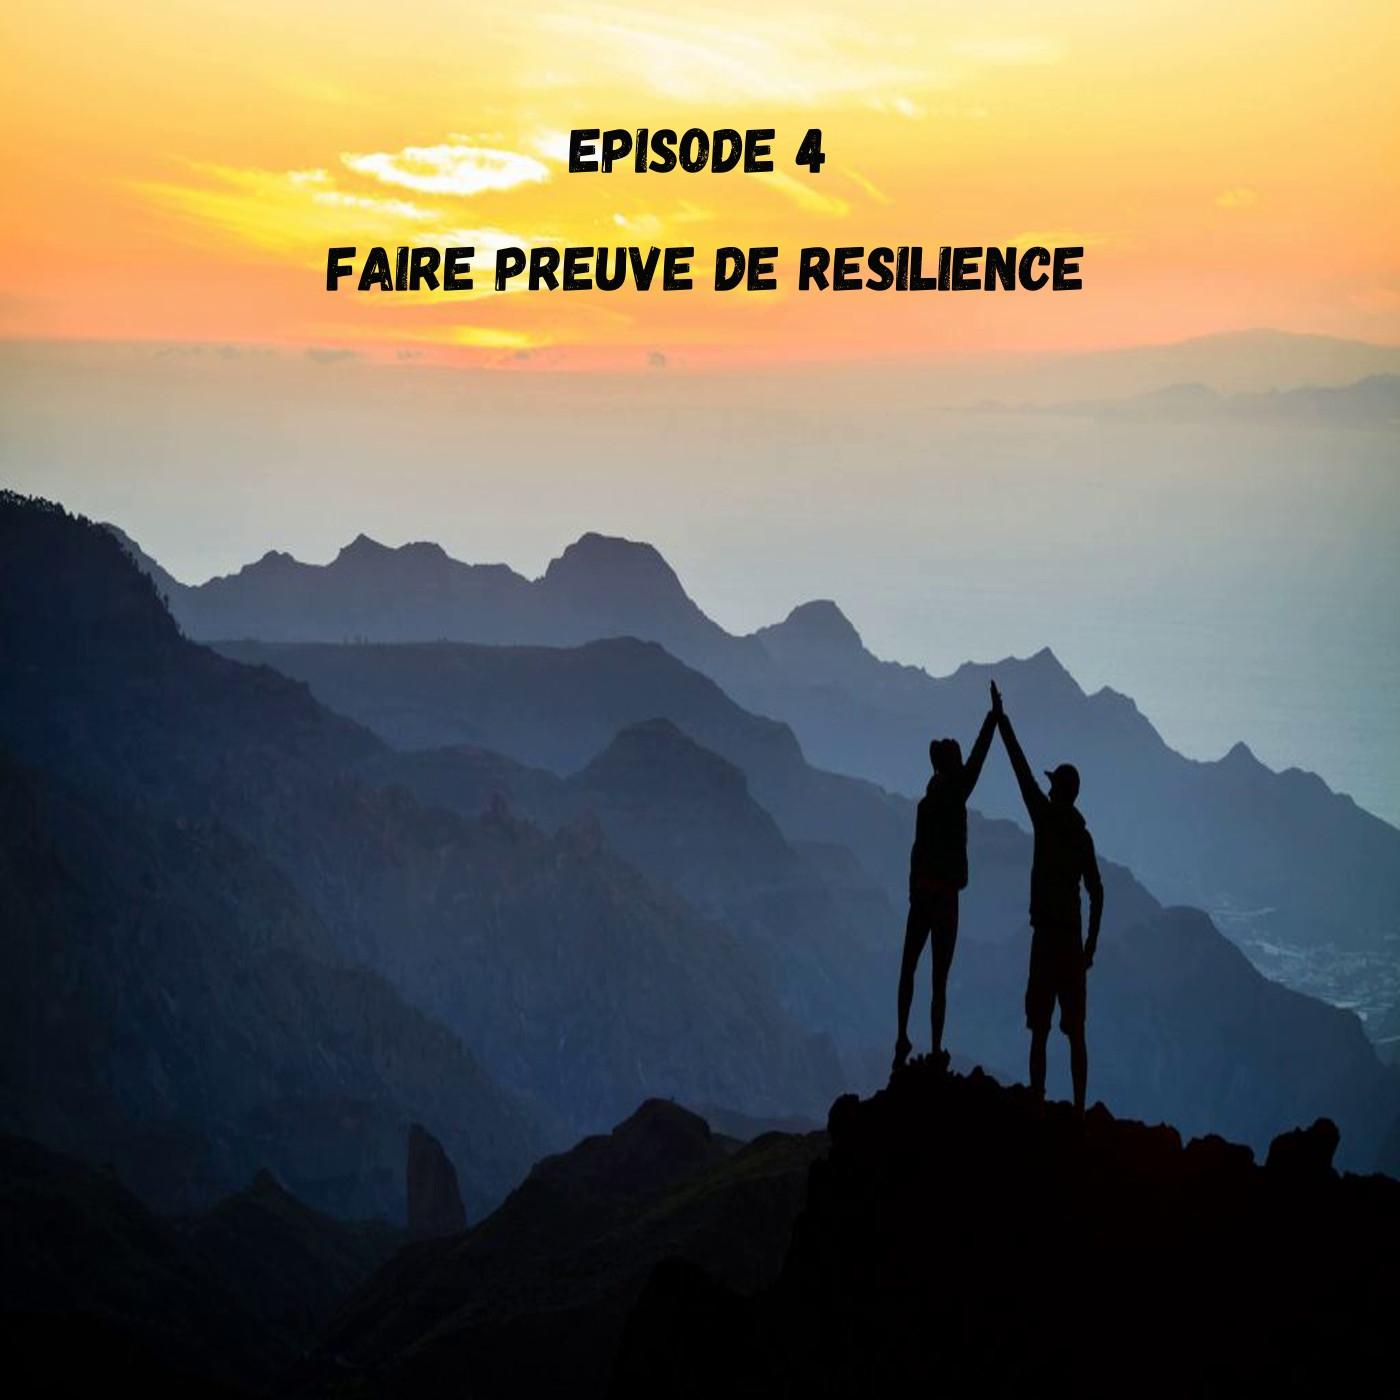 EPISODE 4 Faire preuve de Résilience